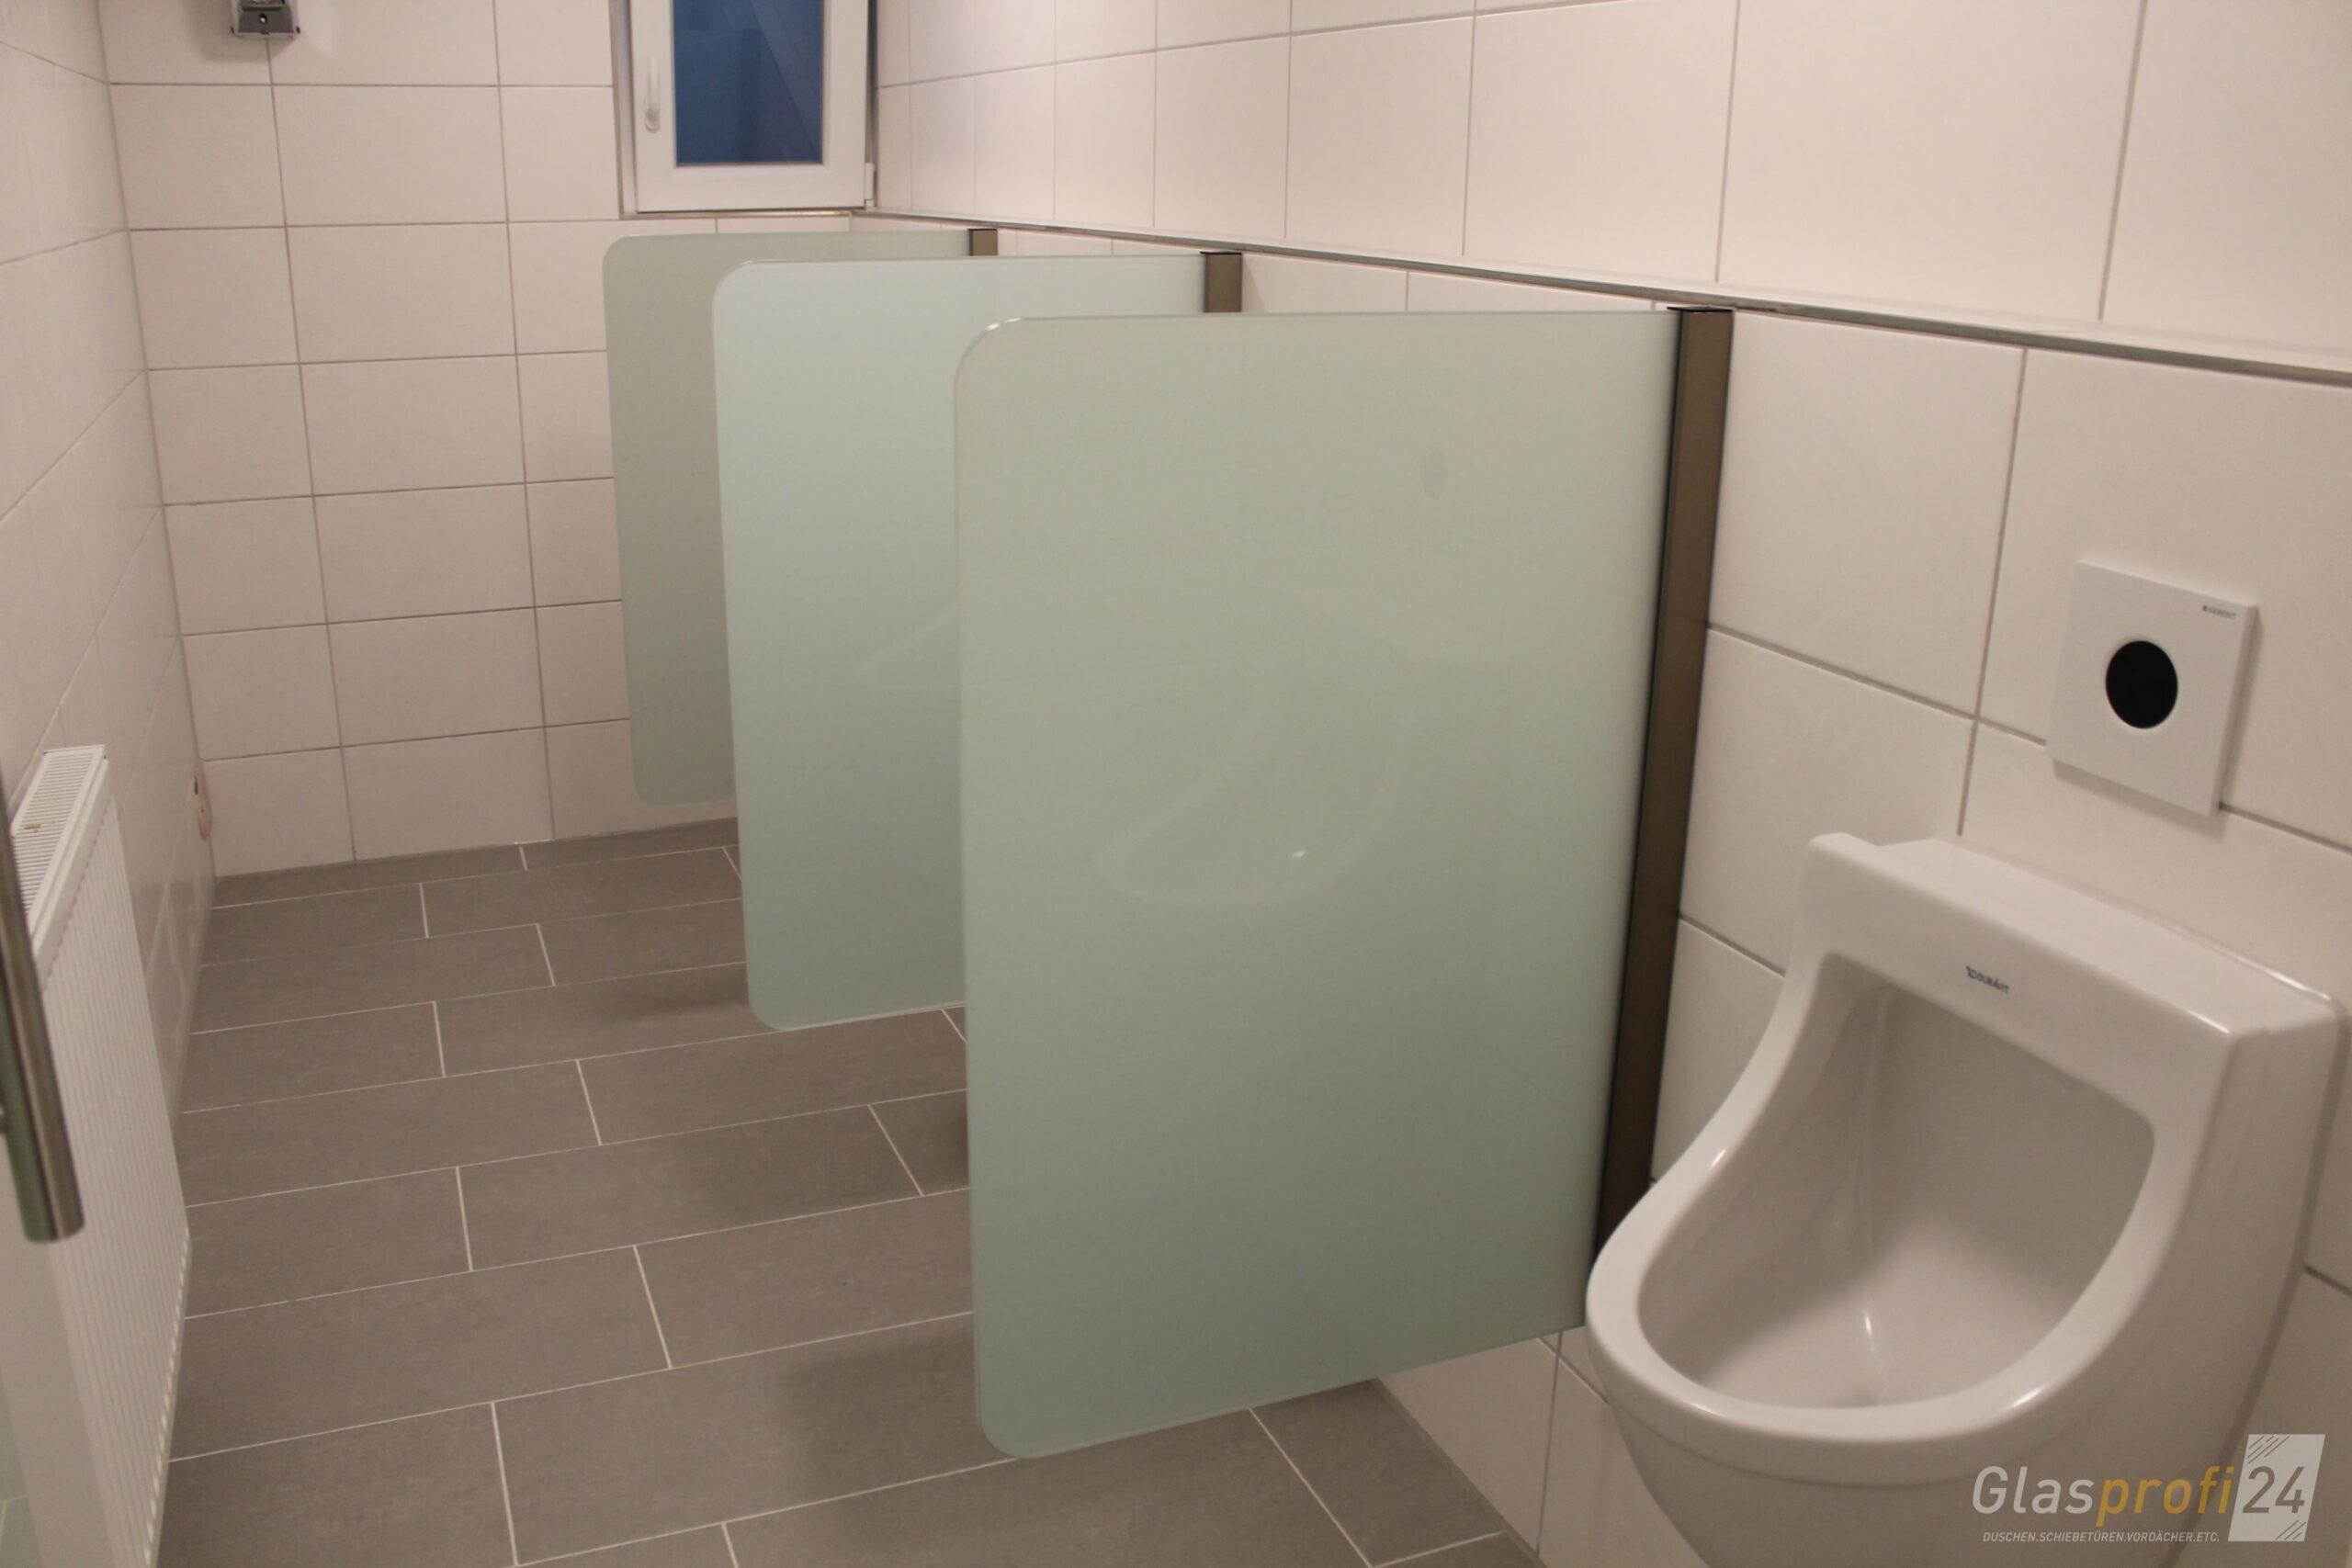 Full Size of Glastrennwand Dusche Trennwand Fr Toilette Aus Glas Glasprofi24 Mischbatterie Fliesen Für 90x90 Begehbare Duschen Bodengleiche Nachträglich Einbauen Dusche Glastrennwand Dusche